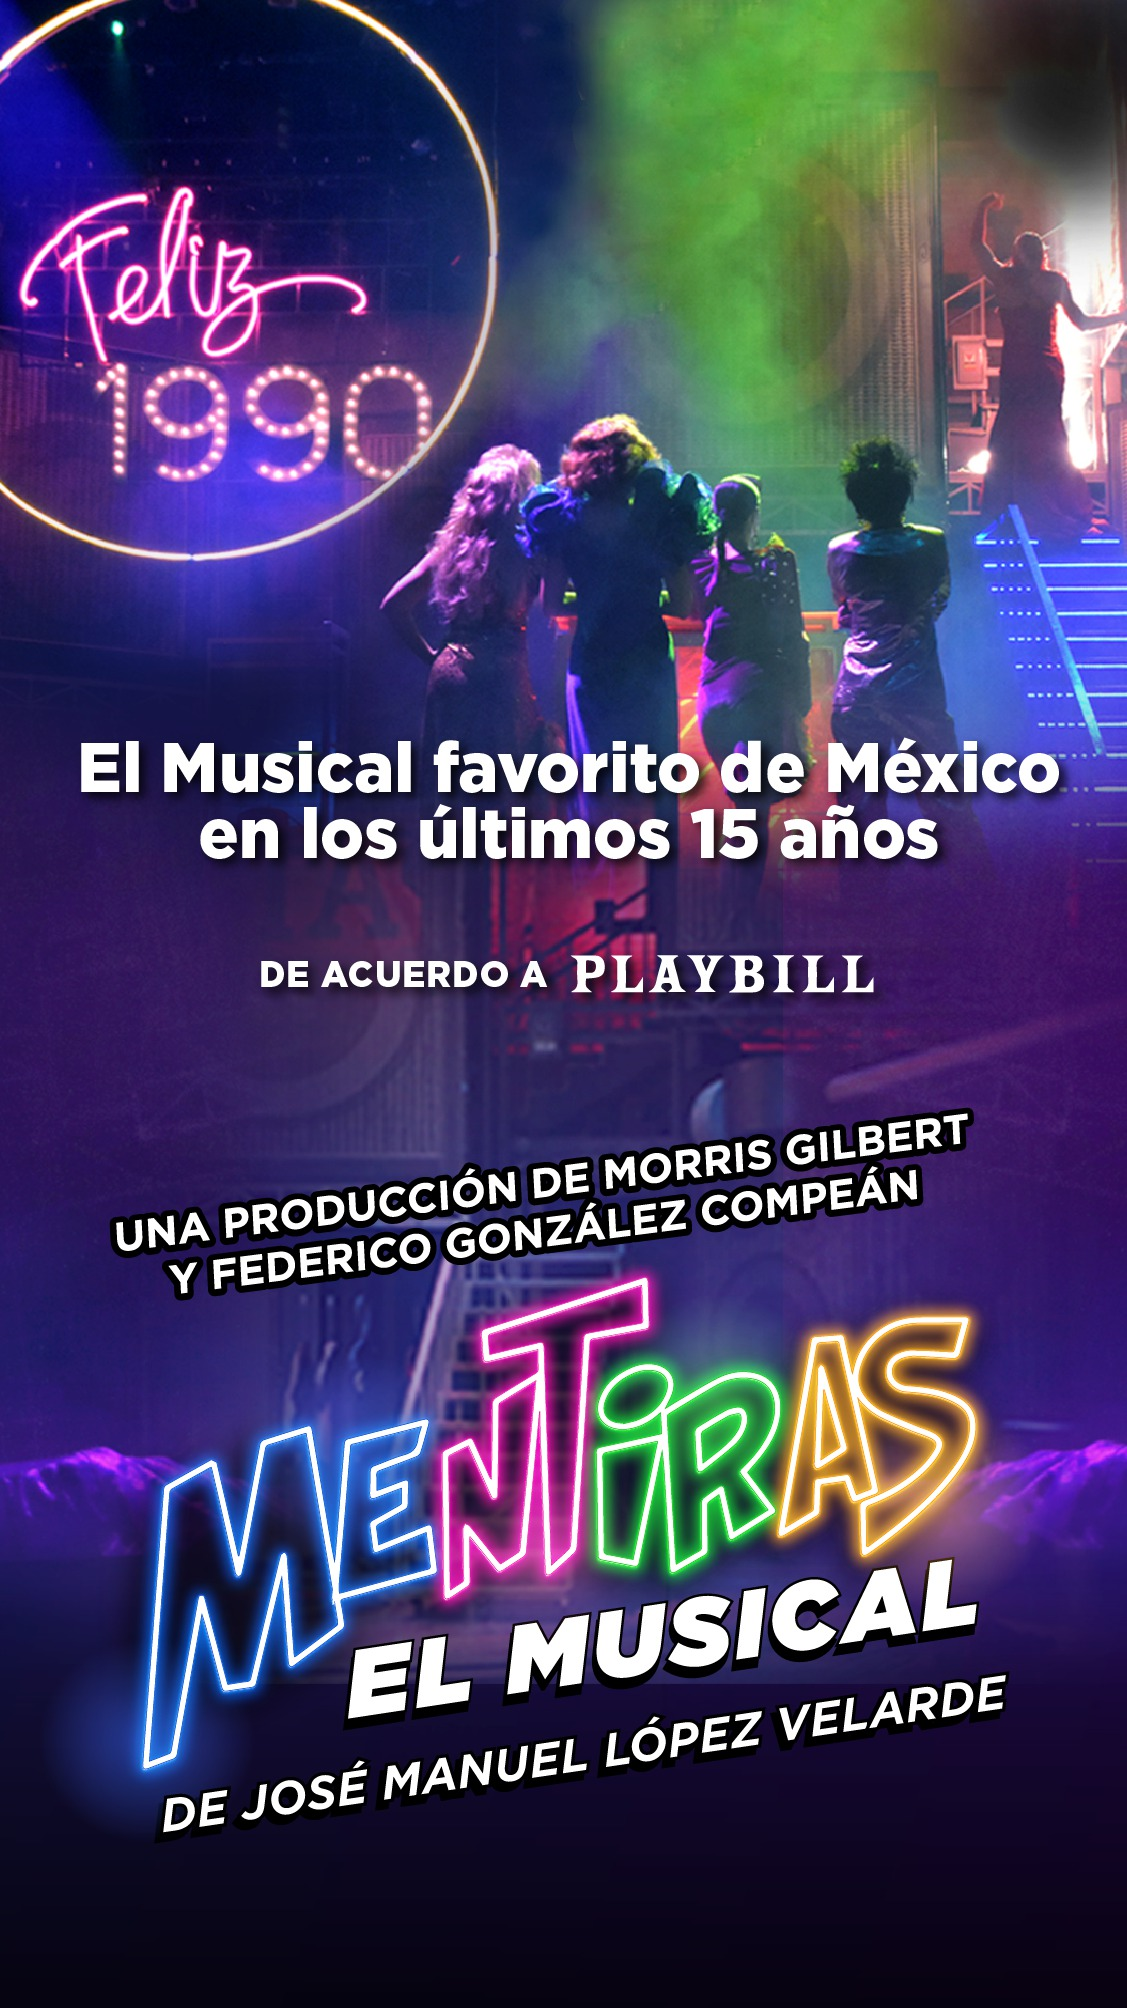 Mentiras, el musical favorito en México